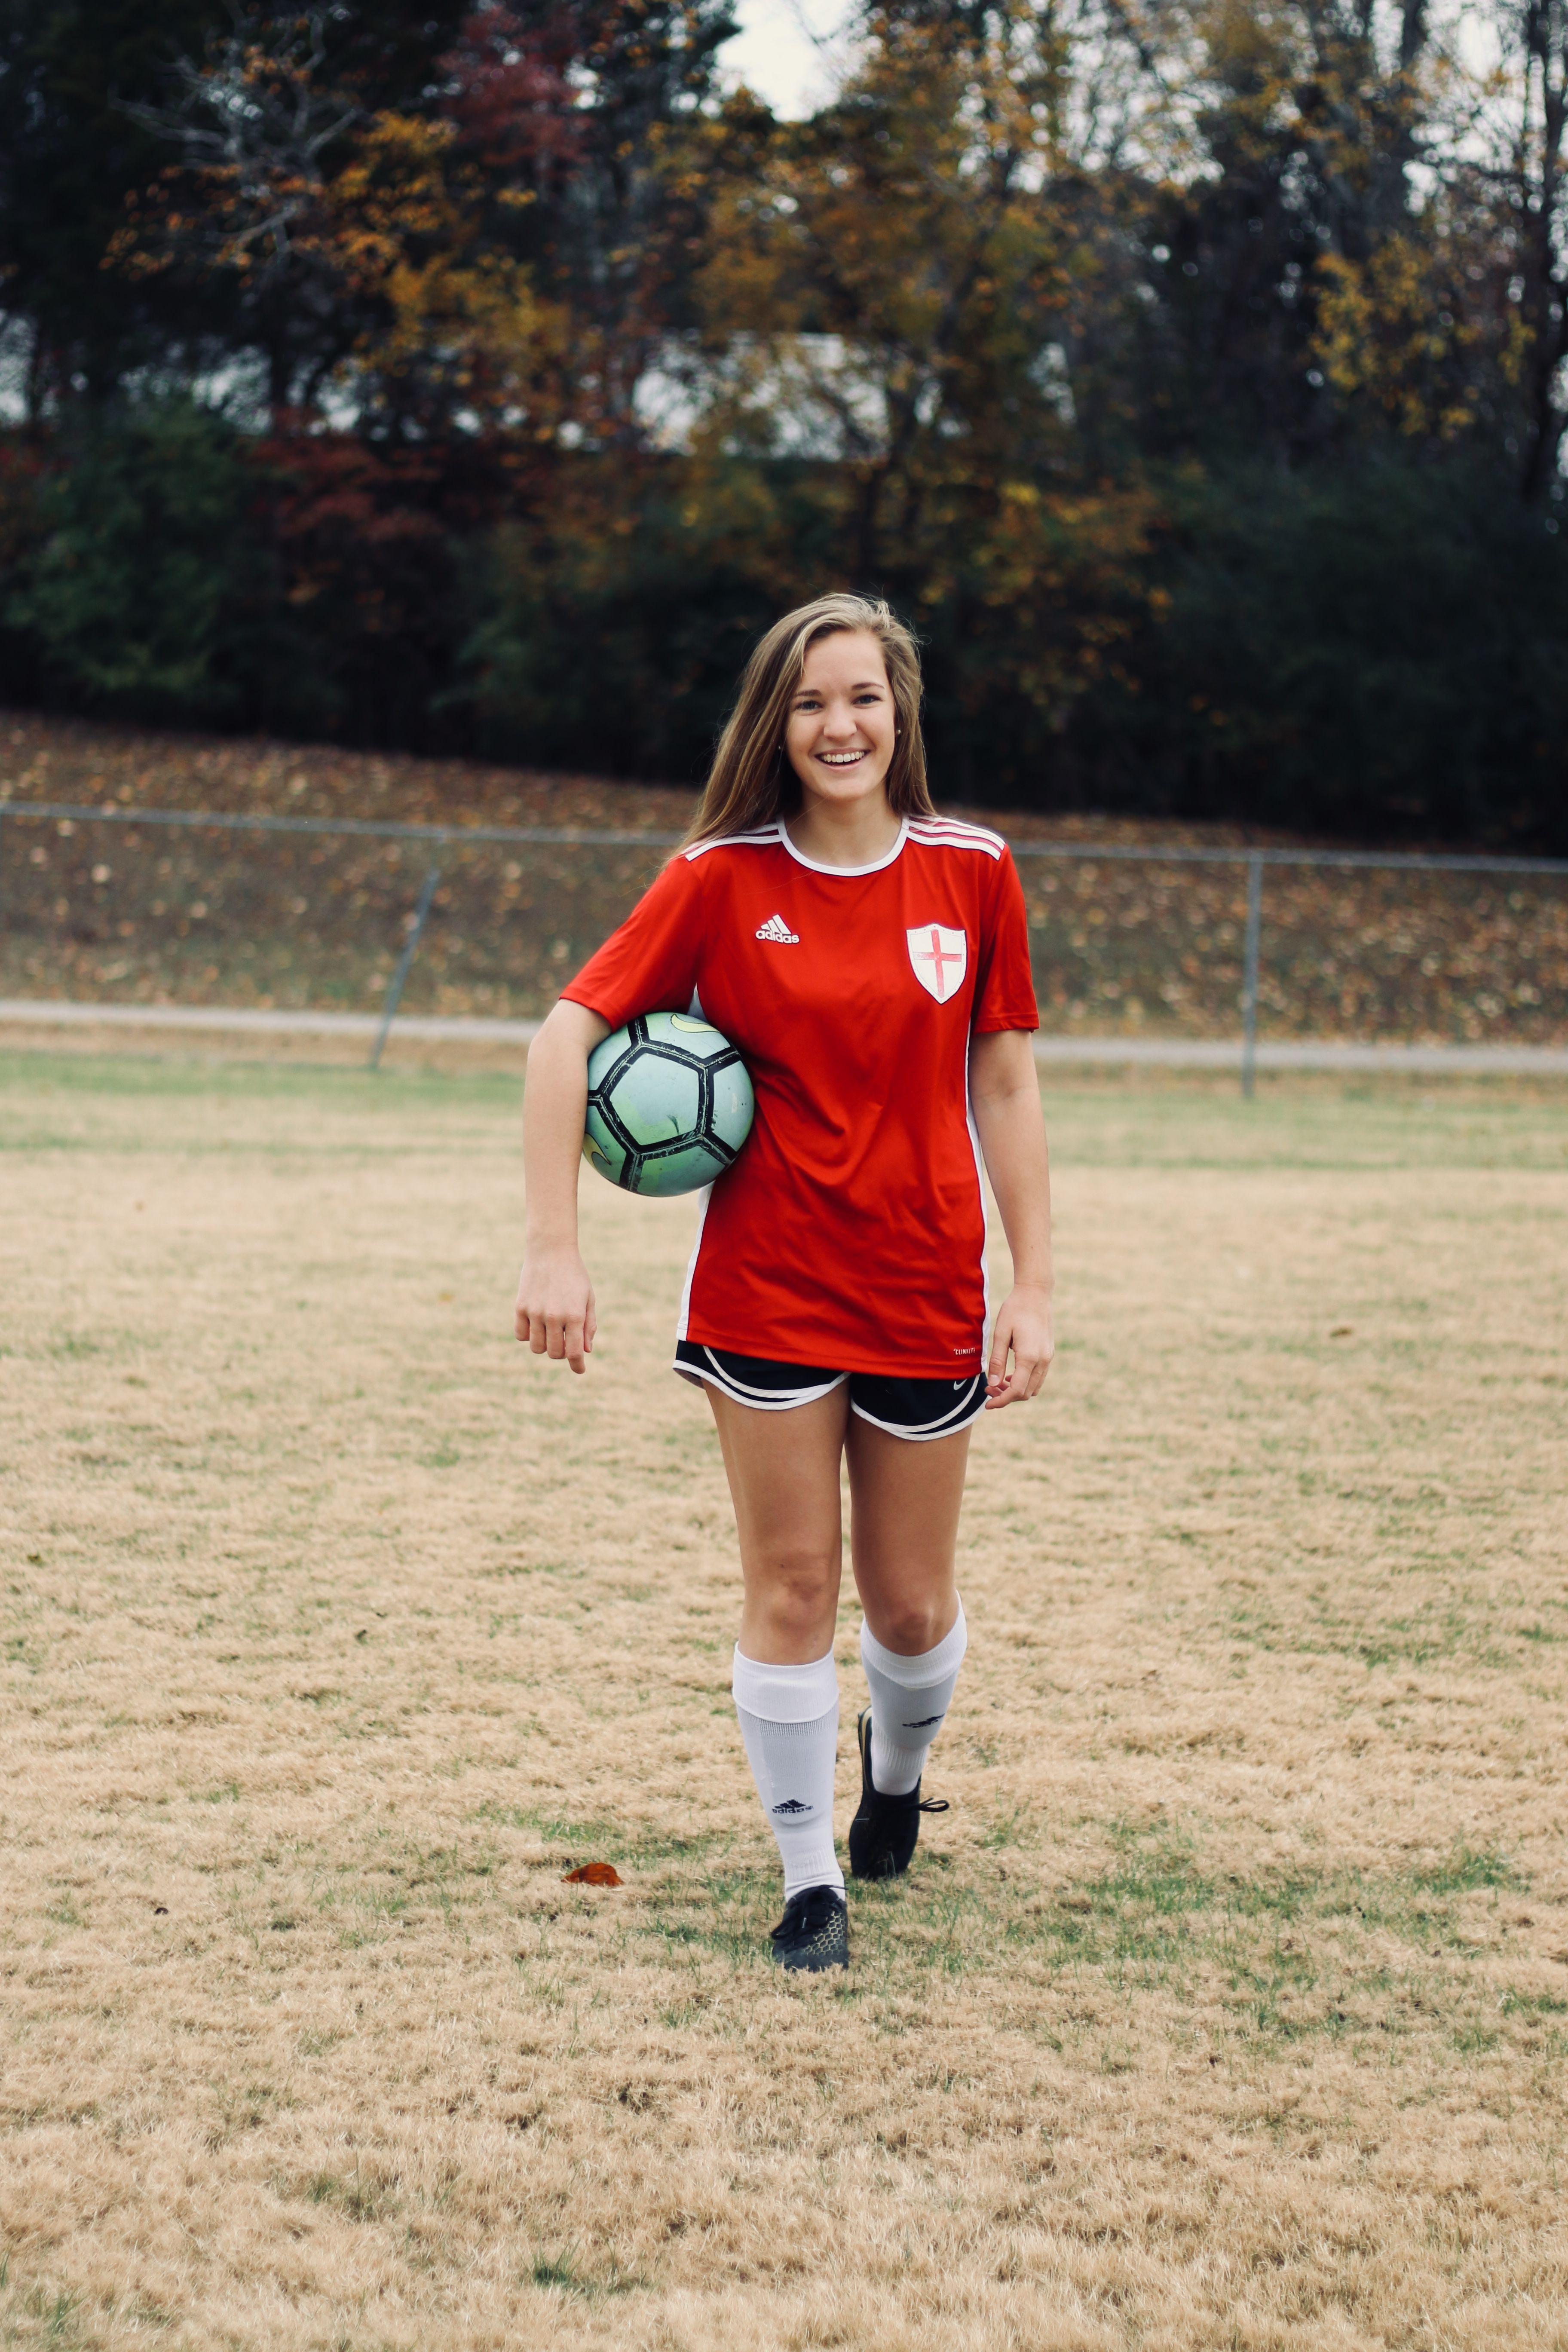 Pin by Lauren Z on soccerrrrr♥️⚽️ Soccer girl, Soccer